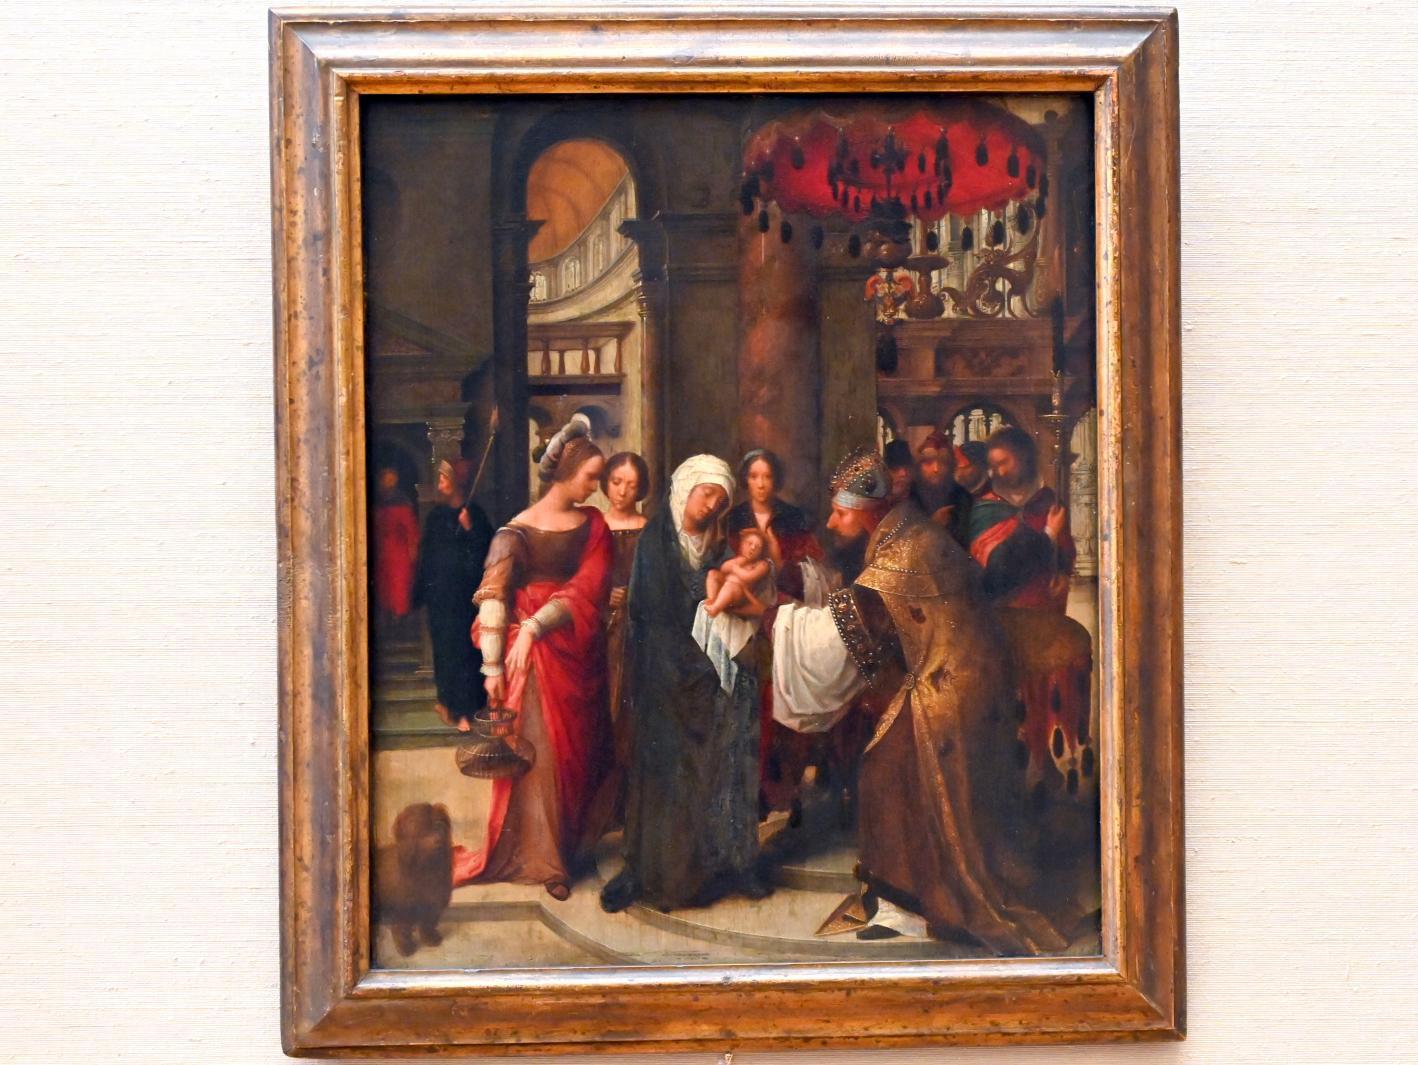 Adriaen Isenbrant: Darbringung Christi im Tempel, Um 1535 - 1540